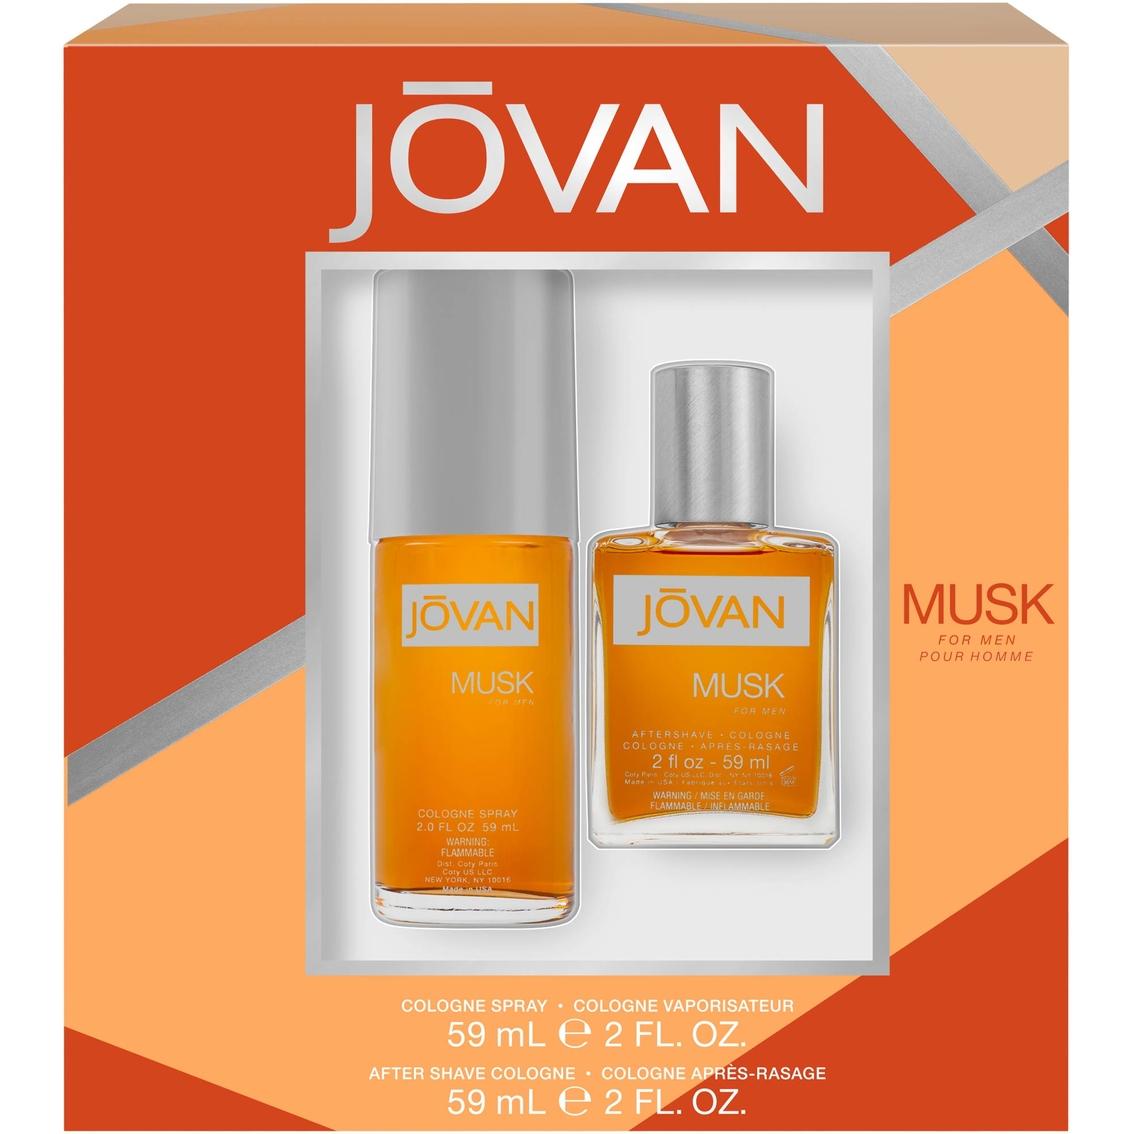 3bef4852e0e9 Jovan Musk For Men Gift Set 2 Pc.